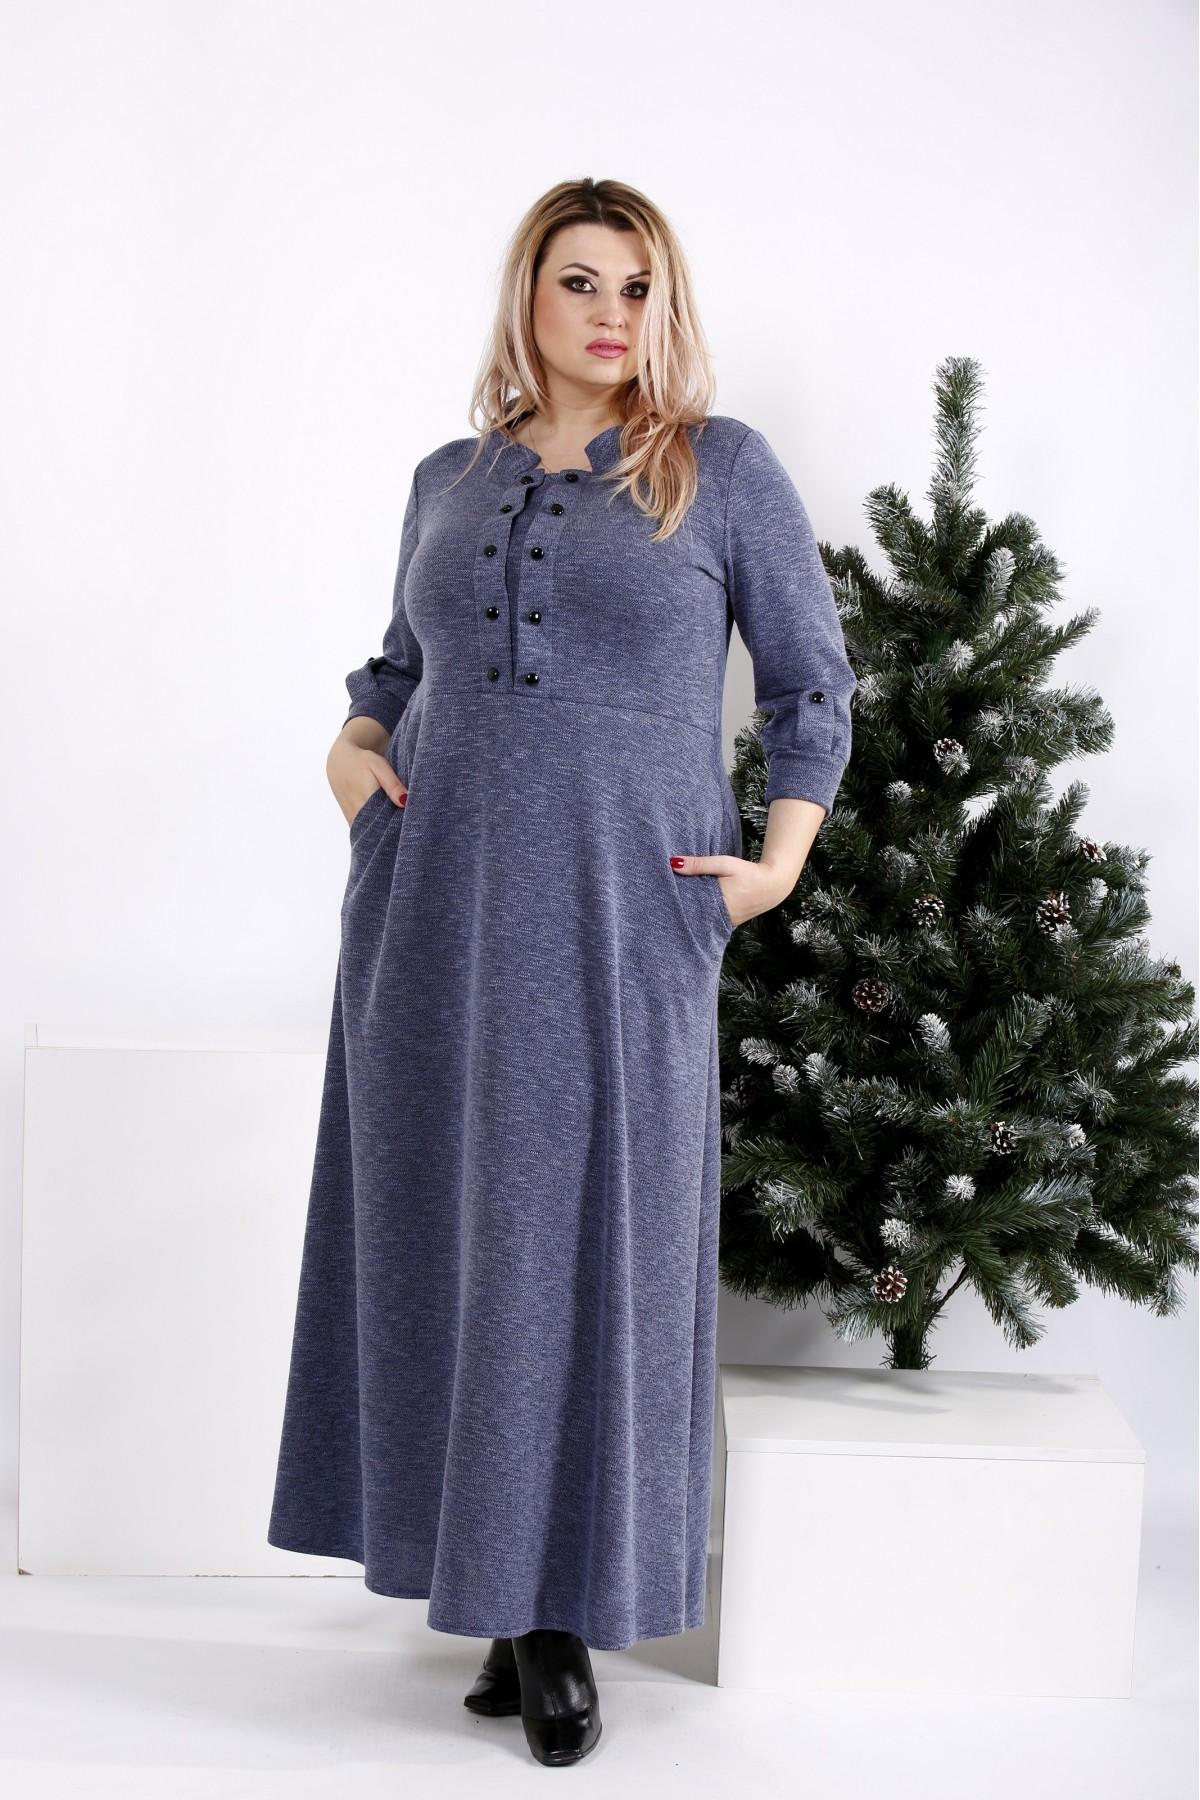 0964-2 | Макси платье, скрывающее фигуру